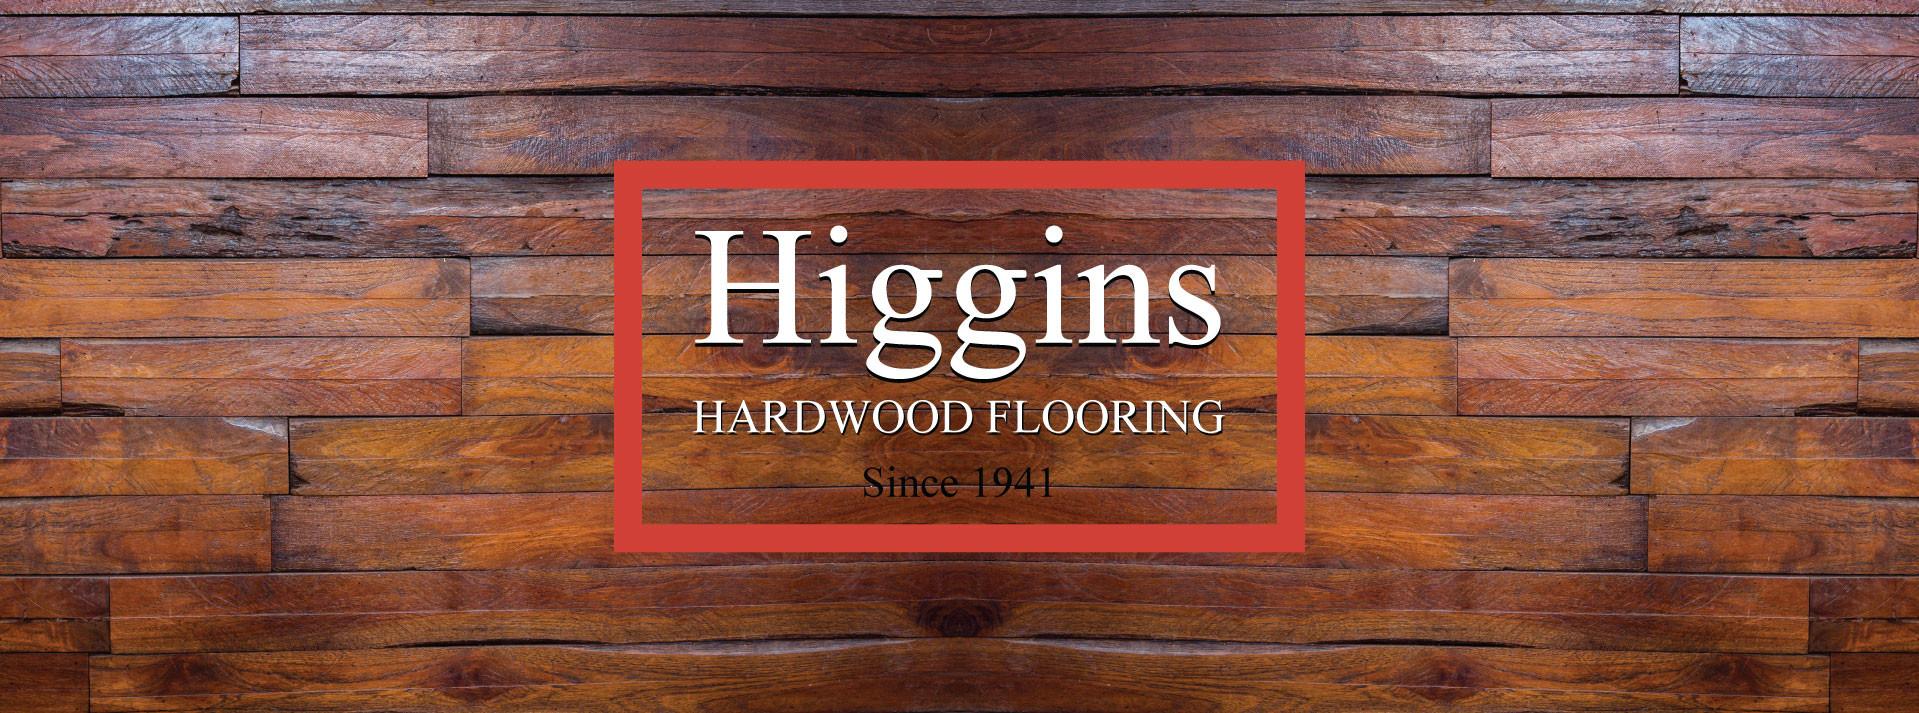 hardwood floor repair bakersfield of higgins hardwood flooring in peterborough oshawa lindsay ajax throughout office hours